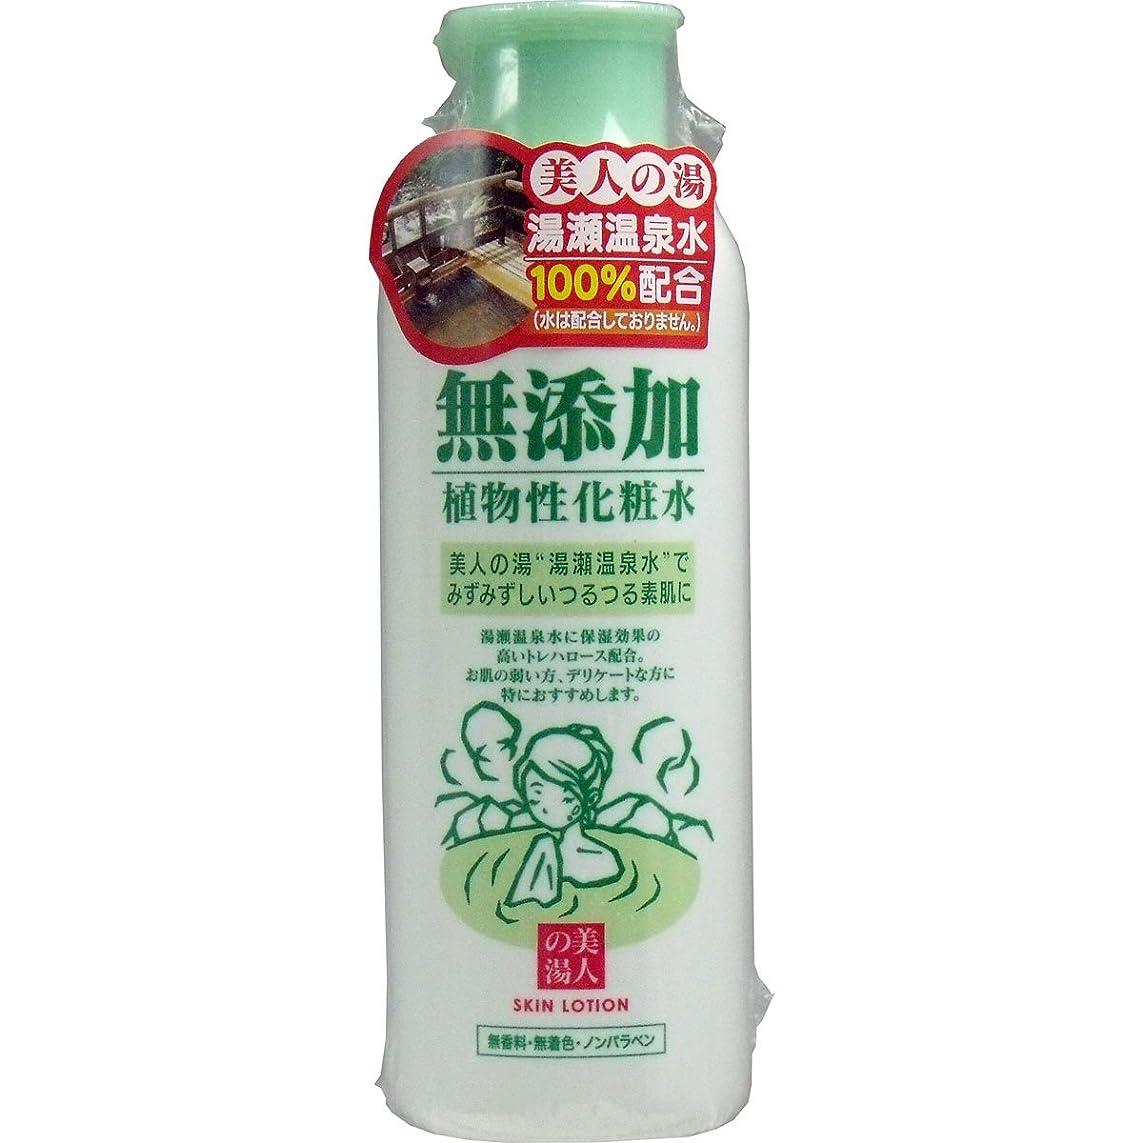 パイント熱狂的なコピーユゼ 無添加植物性 化粧水 200ml 【3セット】